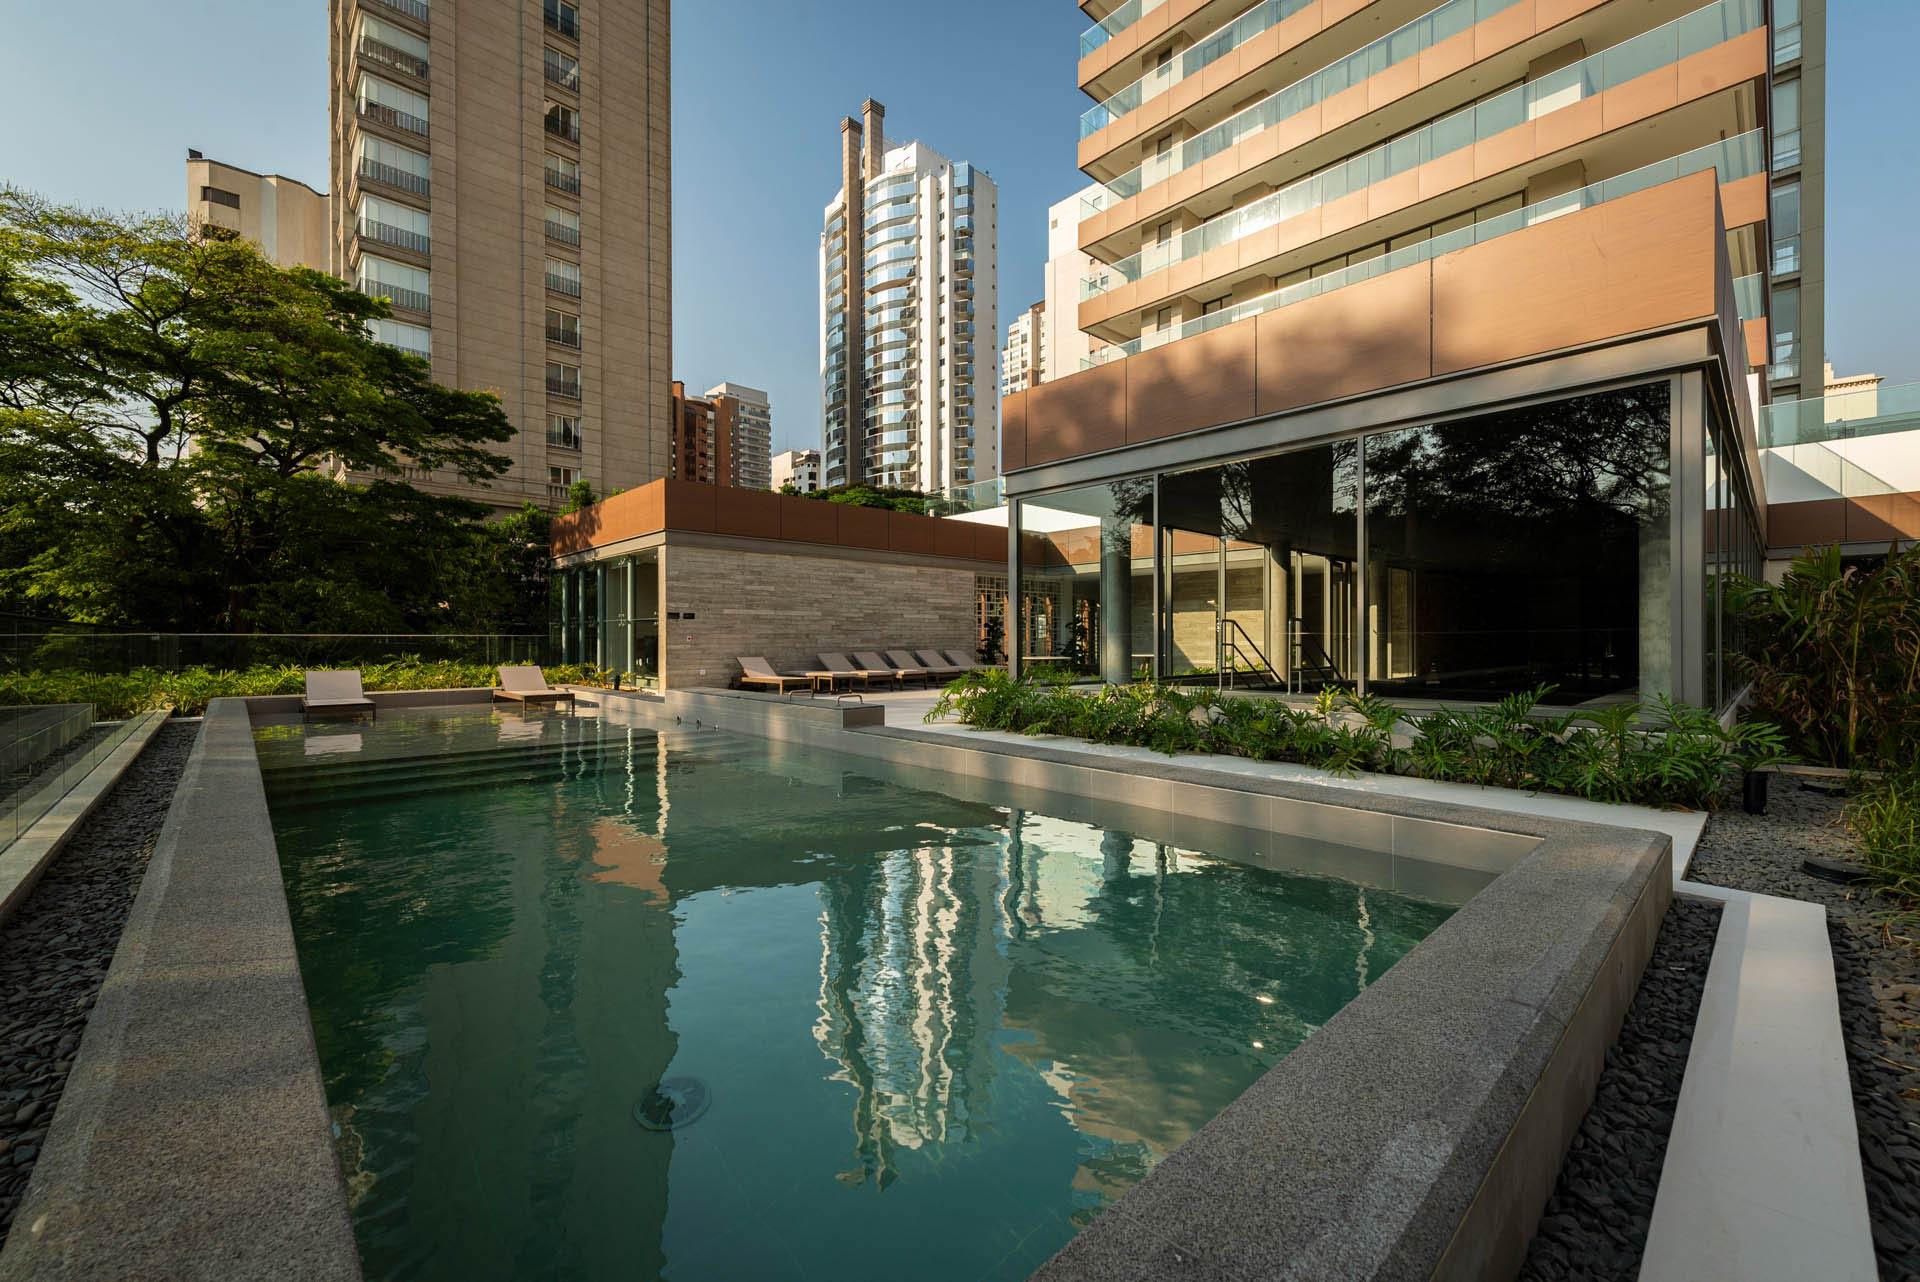 Foto da piscina descoberta